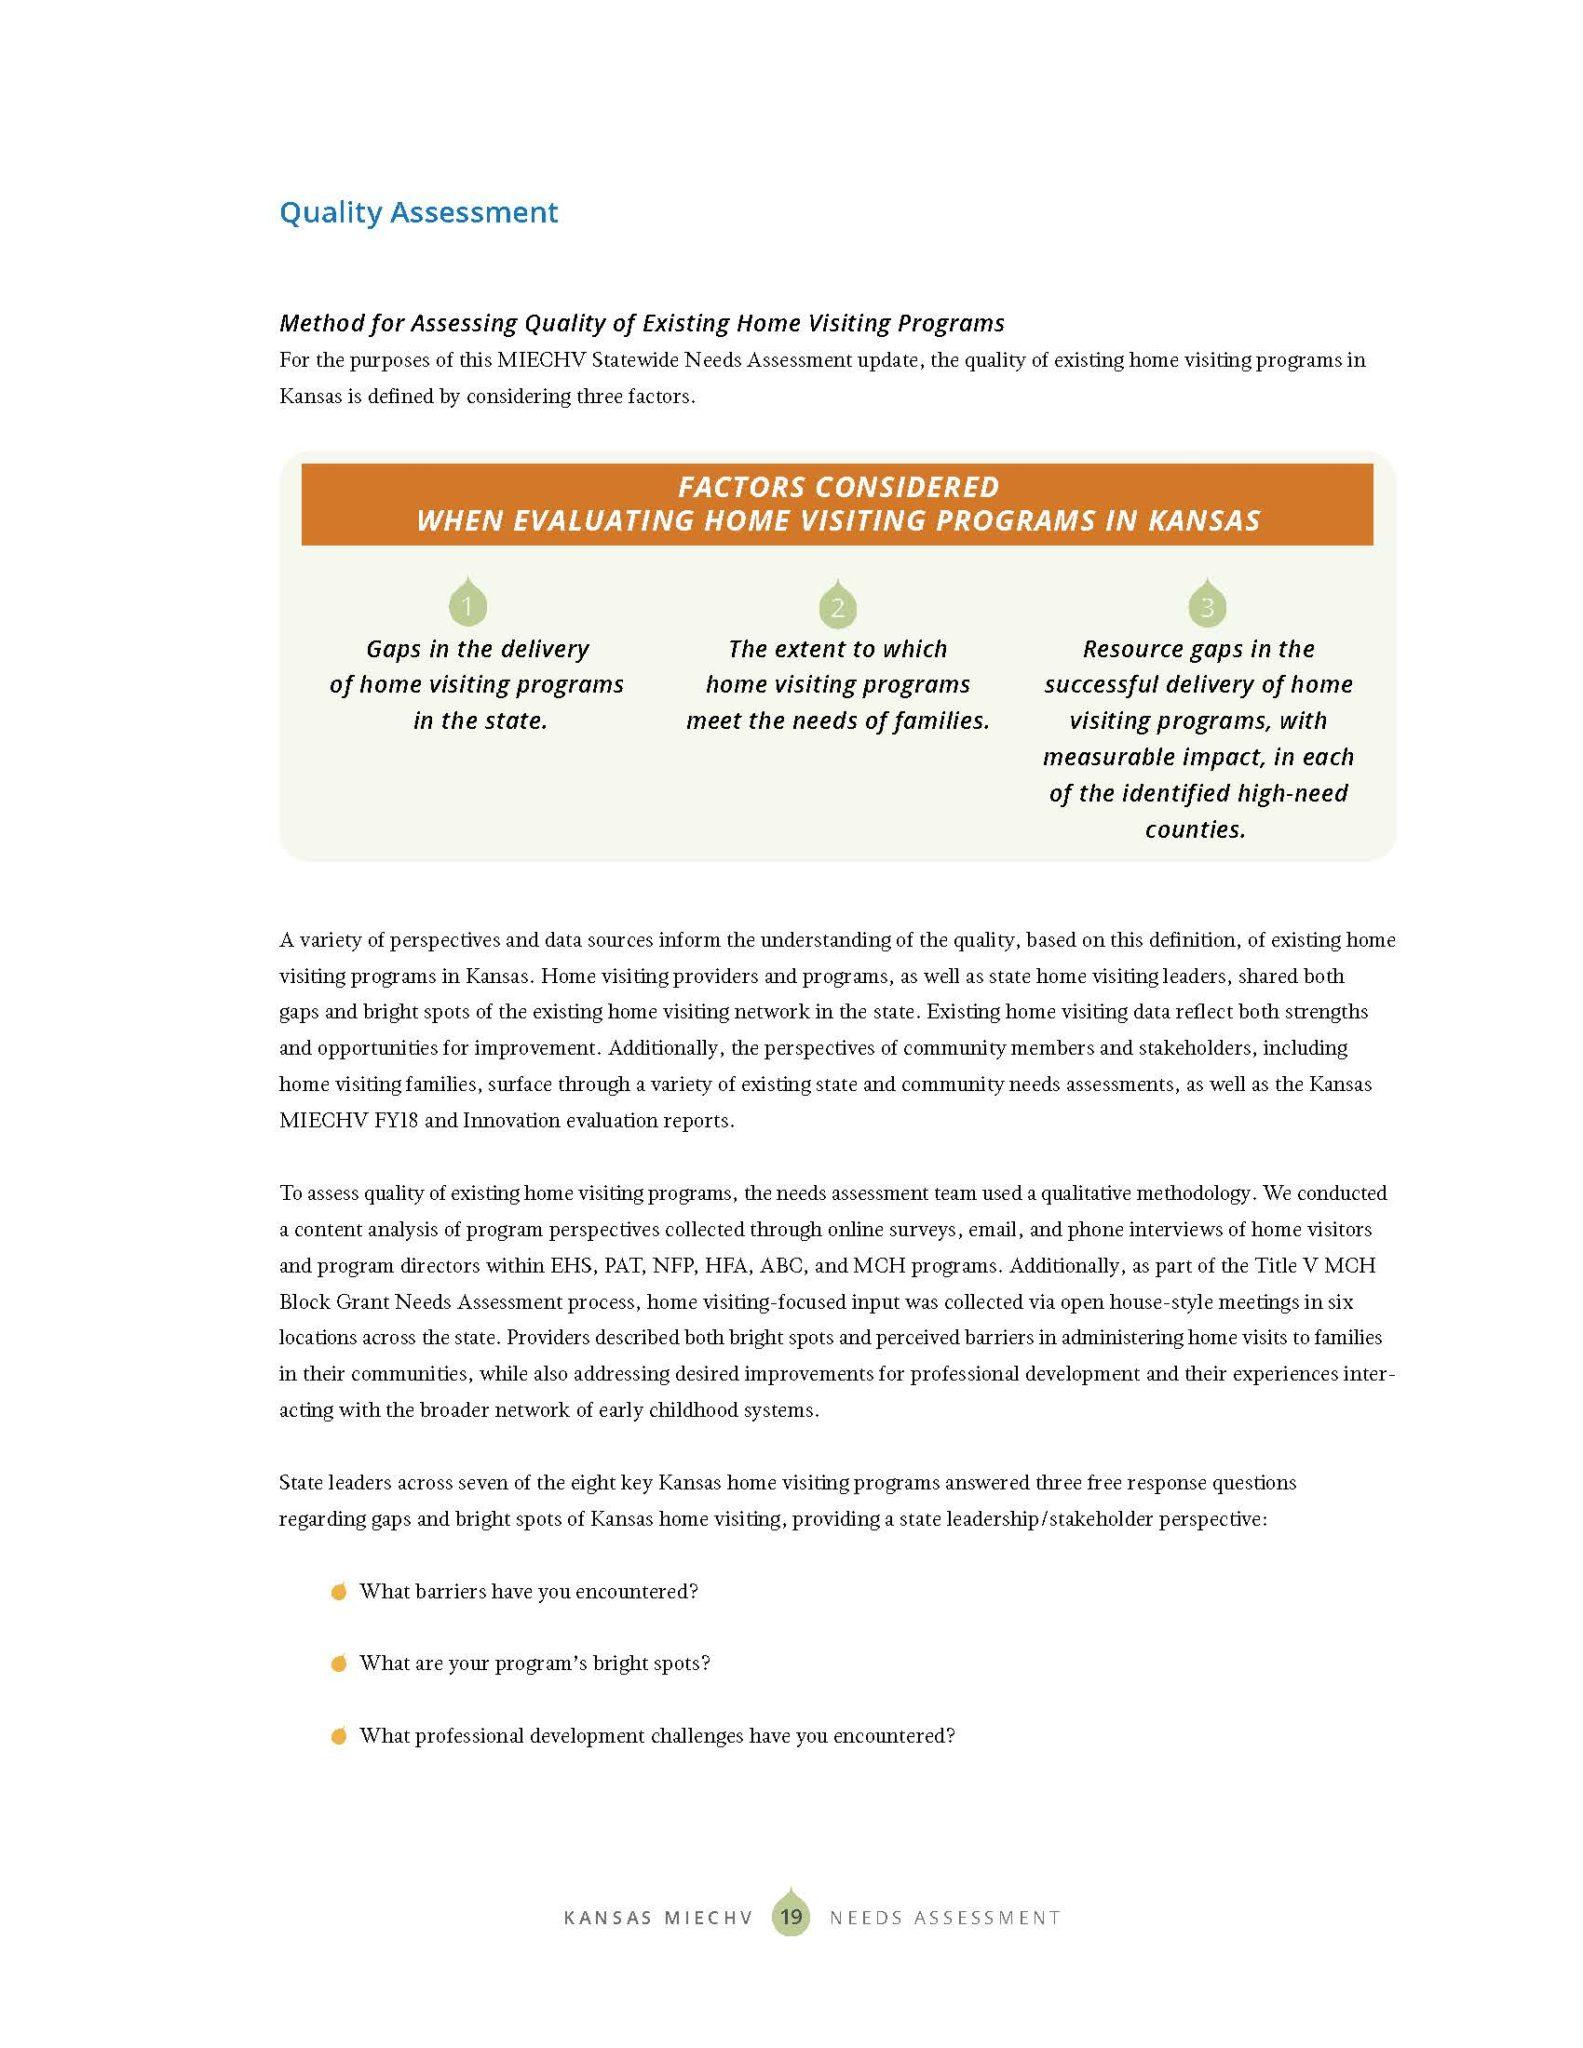 KS MIECHV 2020 Needs Assessment_DIGITAL_Page_027